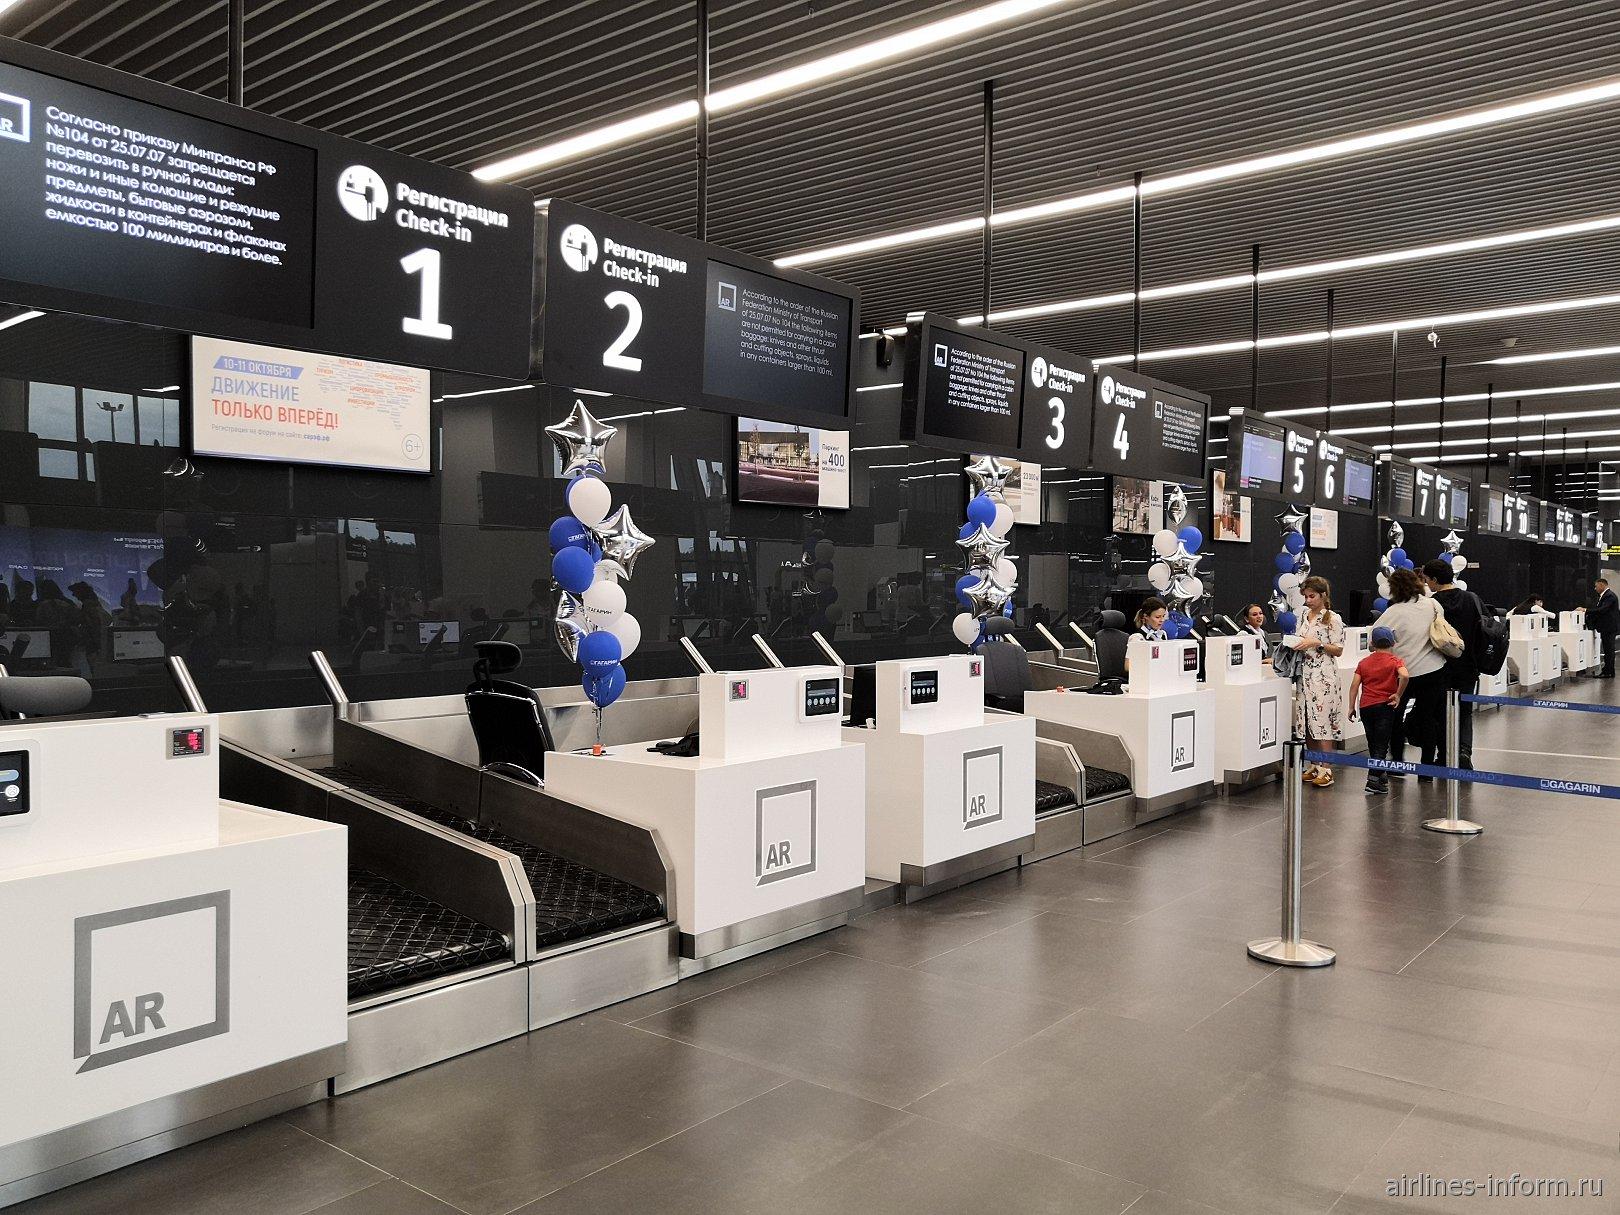 Стойки регистрации в аэропорту Гагарин в Саратове